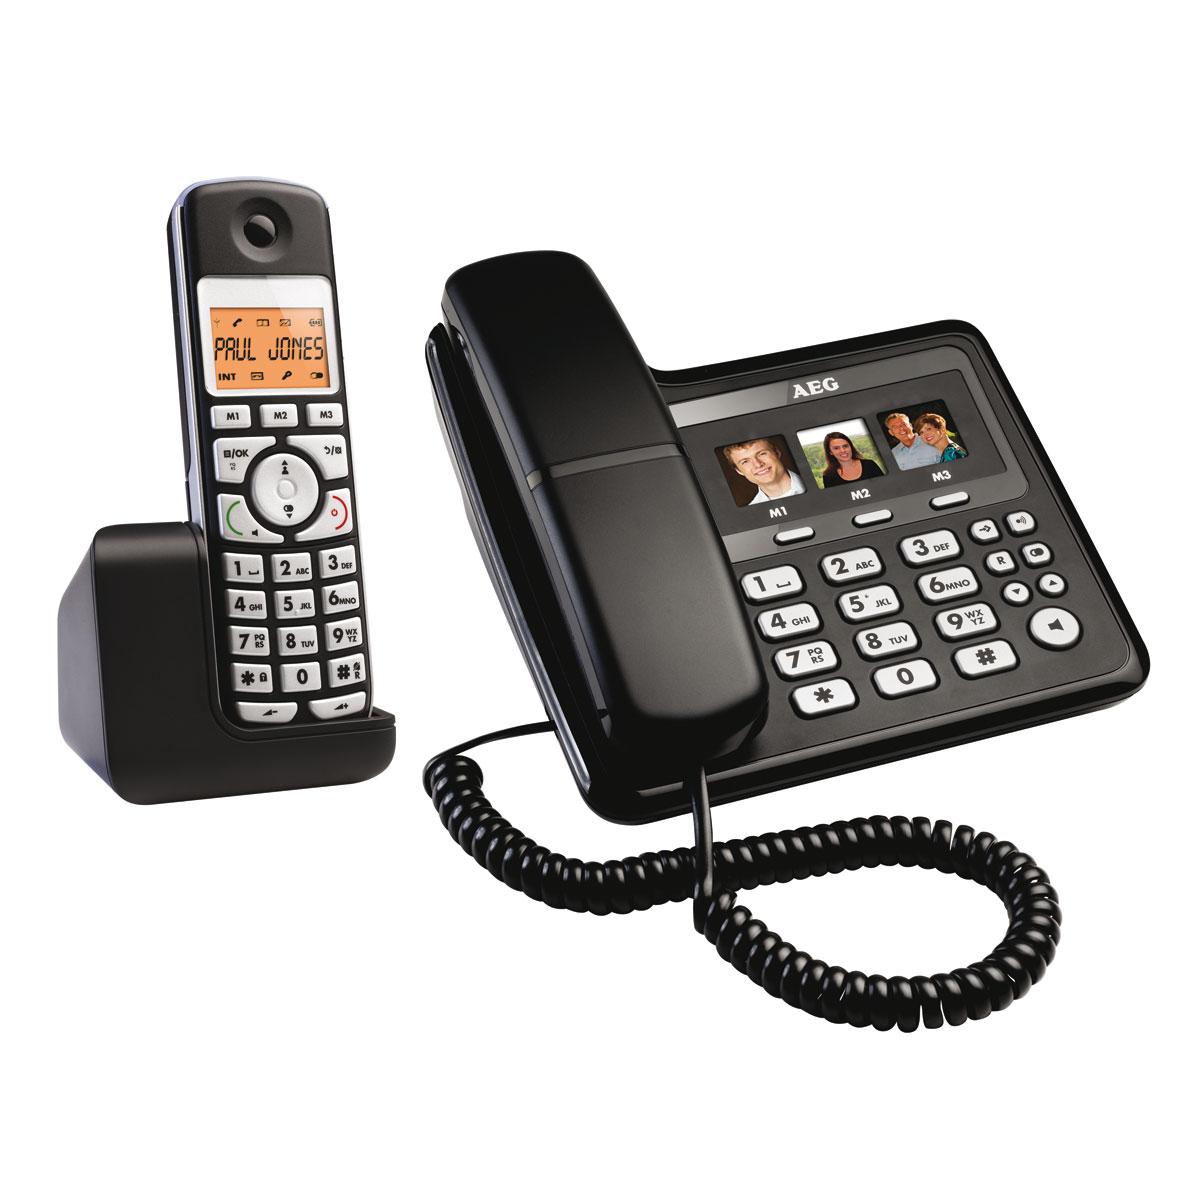 aeg voxtel s110 combo t l phone sans fil aeg sur ldlc. Black Bedroom Furniture Sets. Home Design Ideas